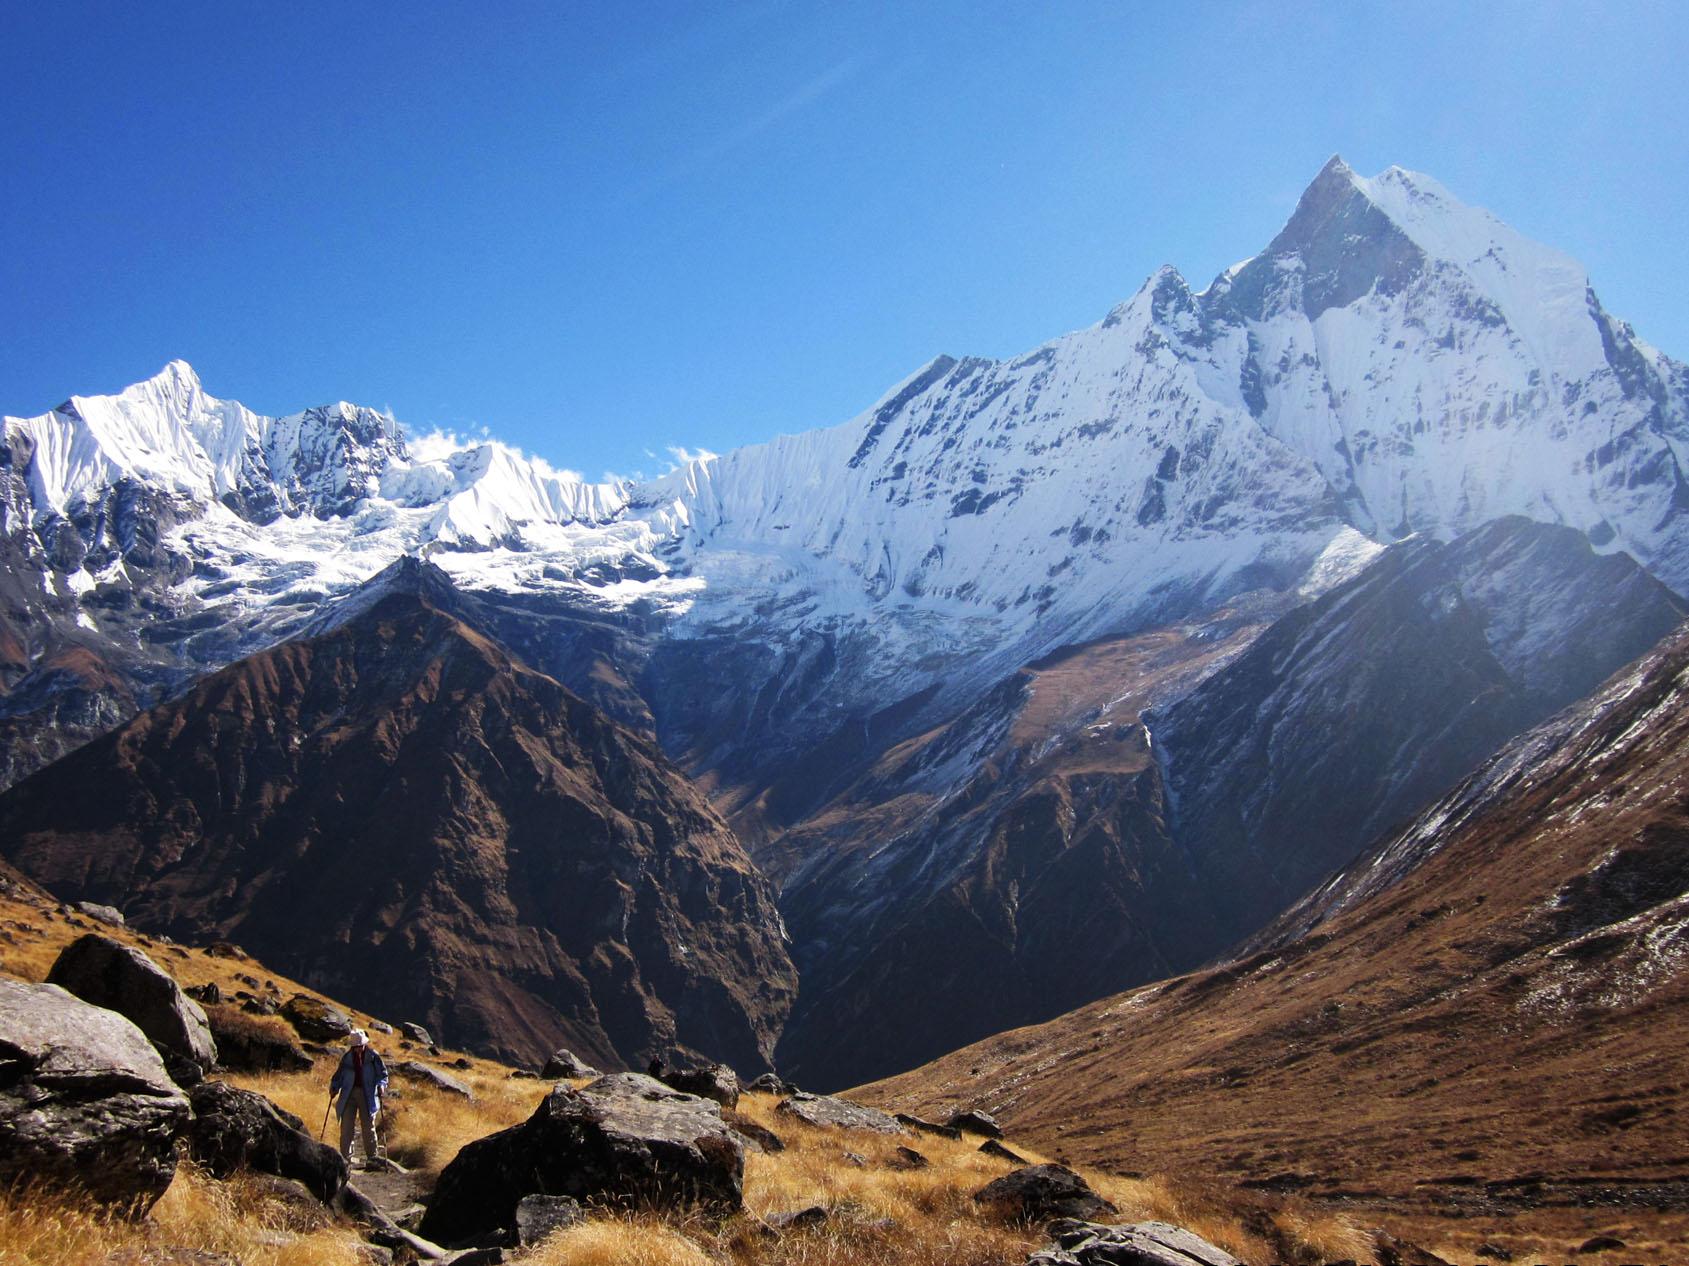 Mt Machhapuchhre